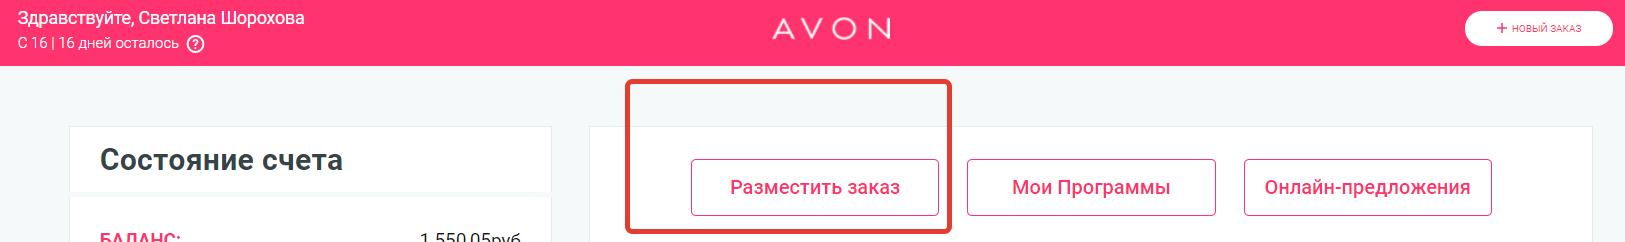 Www.avon.ru как сделать заказ essence косметика где купить в москве